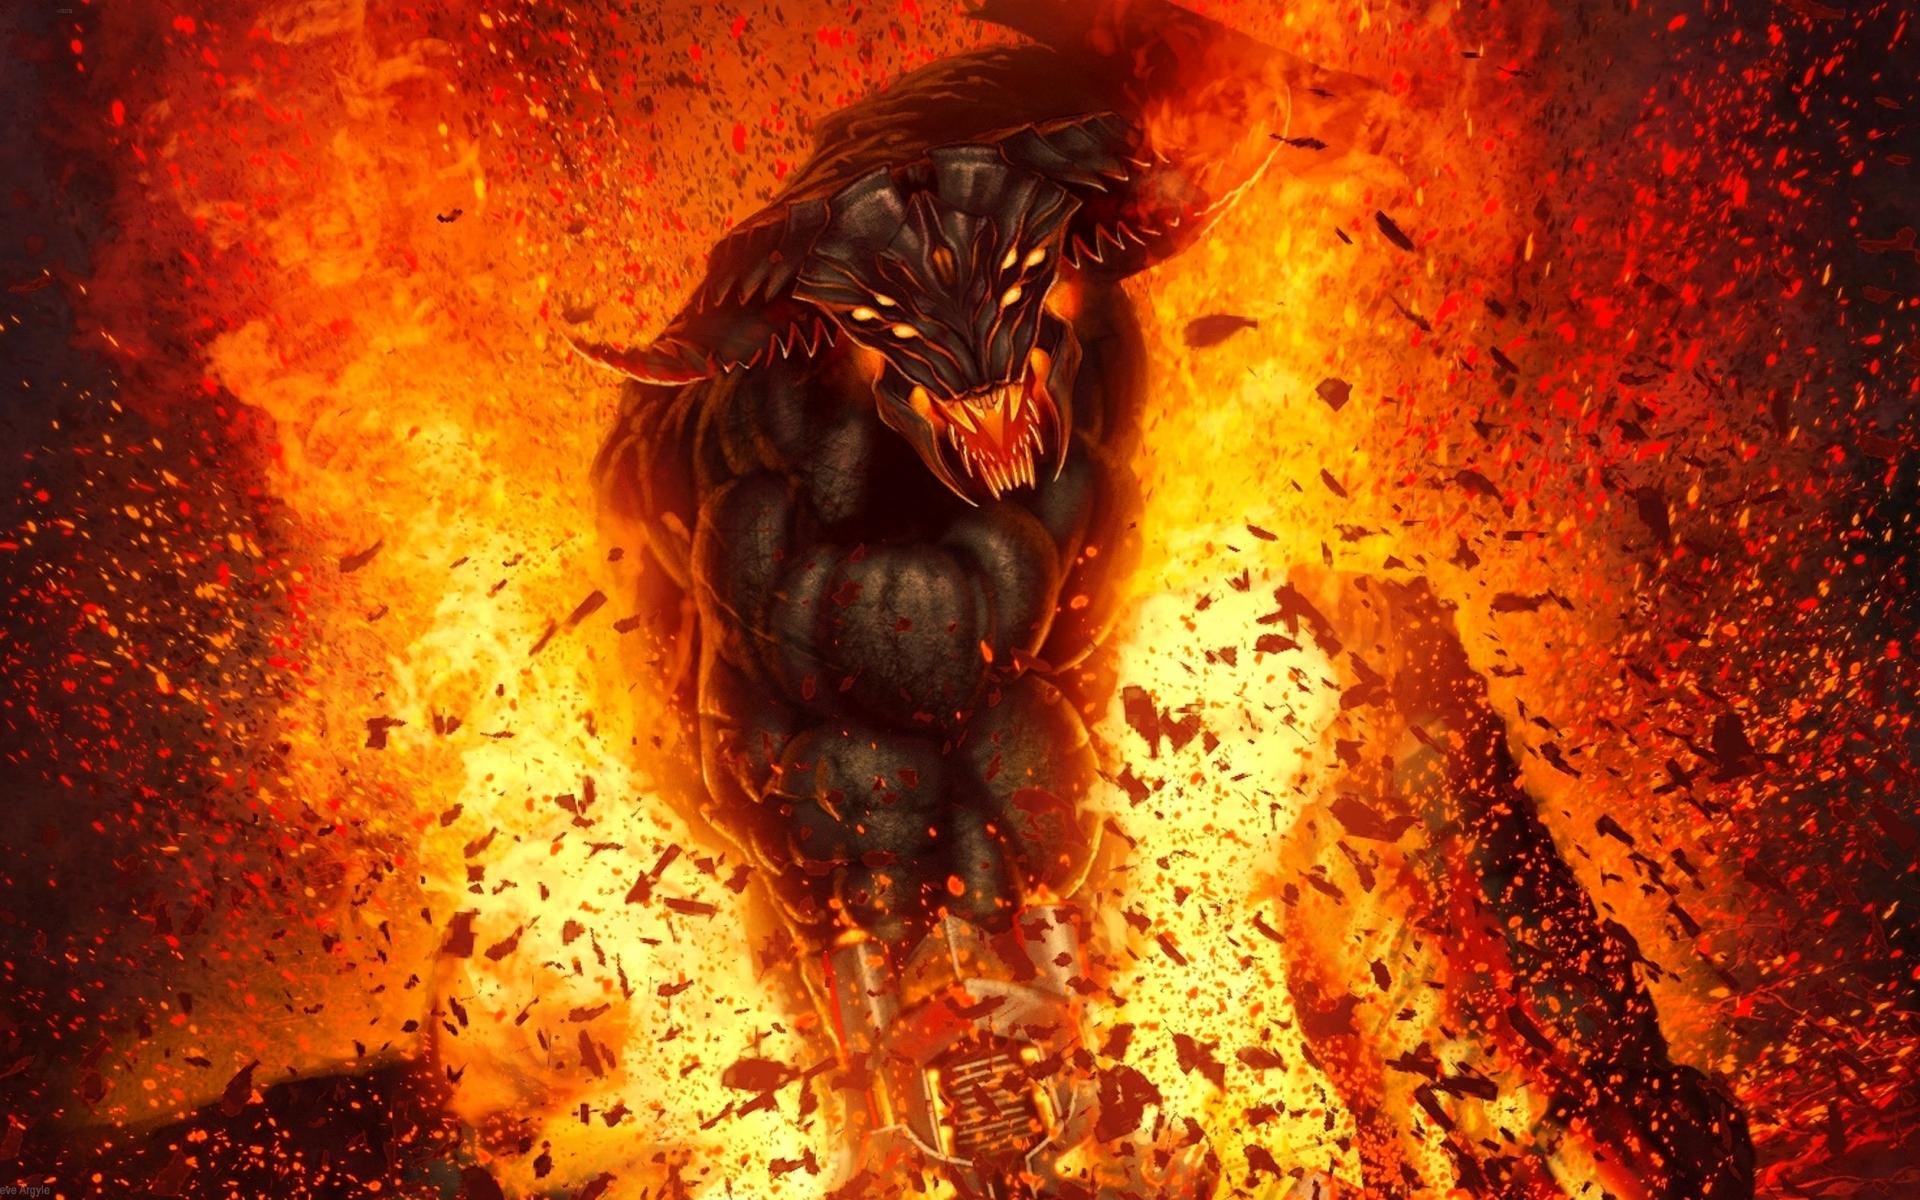 Dark horror fantasy fire demon hell evil art wallpaper 1920x1200 1920x1200